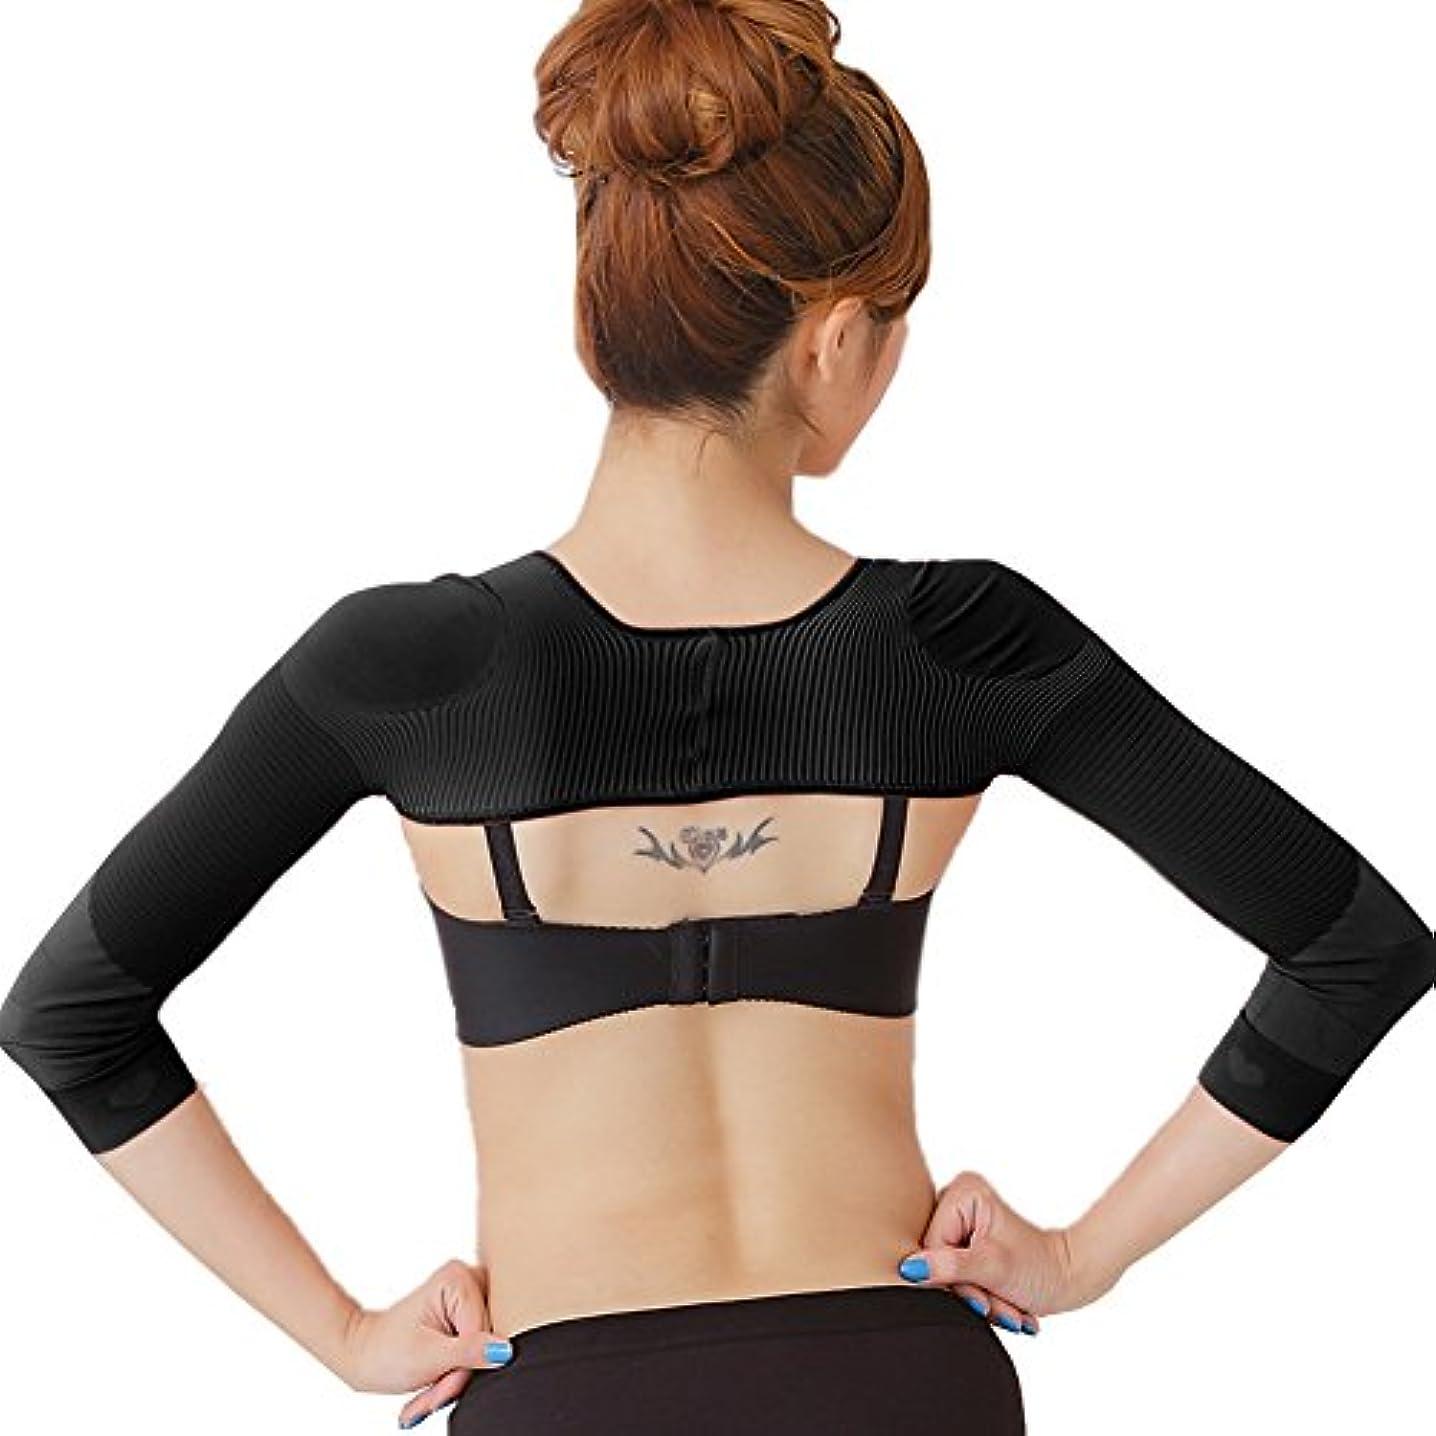 メモ毎日量でDREAM SLIM ねこ背矯正 ダイエット 肩甲骨サポーター 二の腕シェイプケア 姿勢矯正 補正下着 補正インナー 二の腕痩せ 二の腕シェイパー